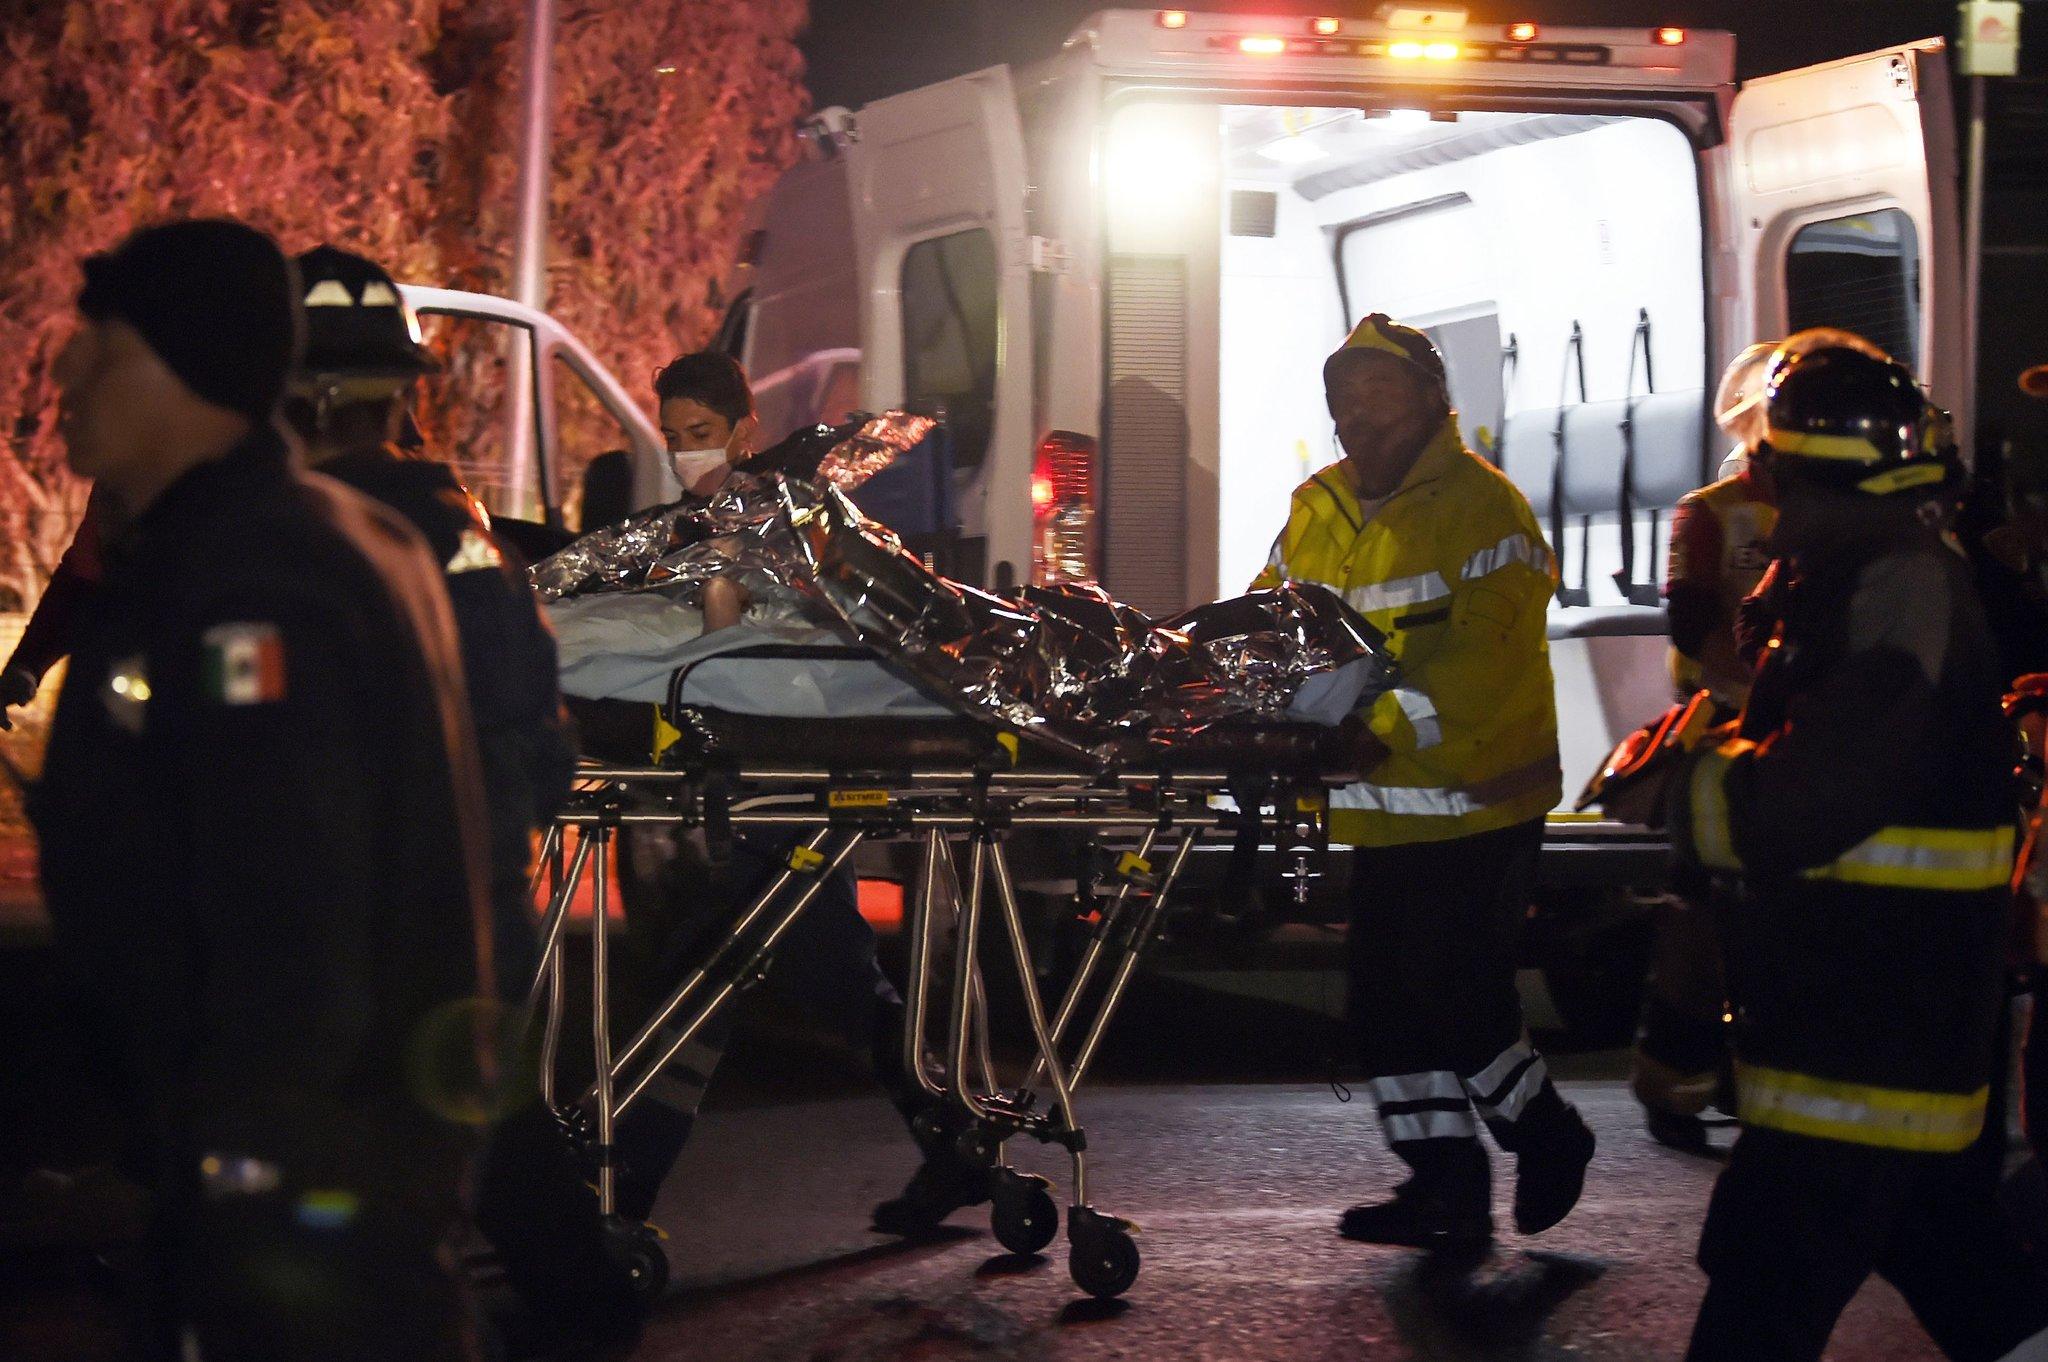 66 de morți și zeci de răniți este bilanțul victimelor